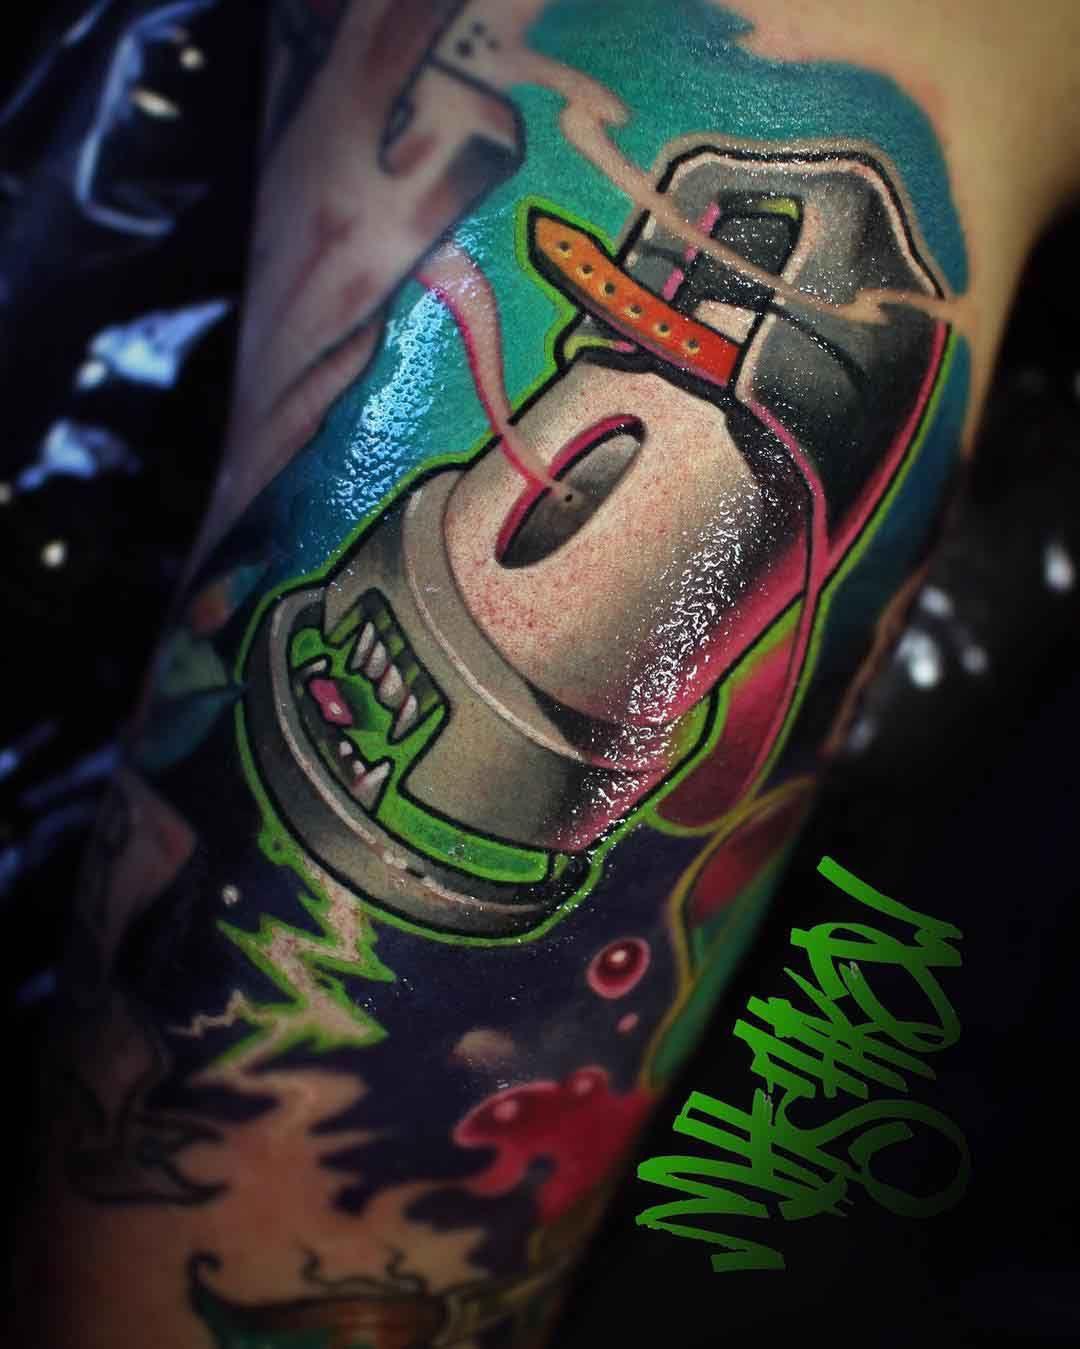 New School Tattoo Design | tattoo flash | Tattoo designs, Tattoos ...